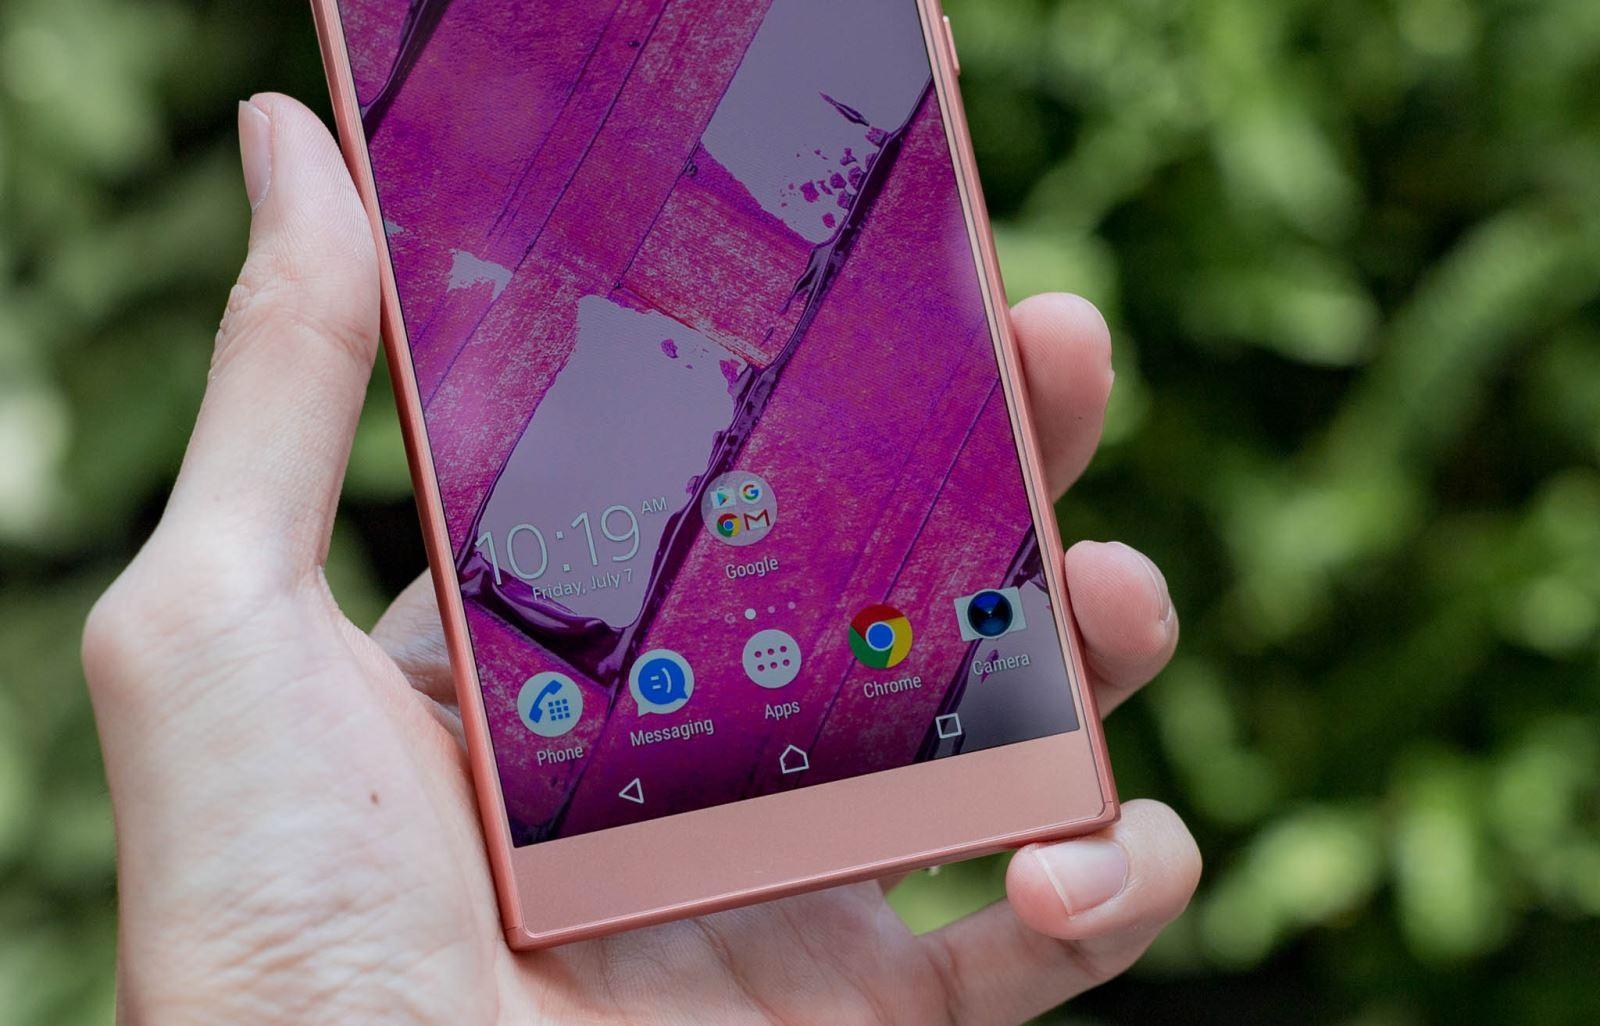 Sony Xperia L1 Dual màn hình 5.5 inch, chạy Android 7.0 có đáng mua trong tầm giá 4.5 triệu?